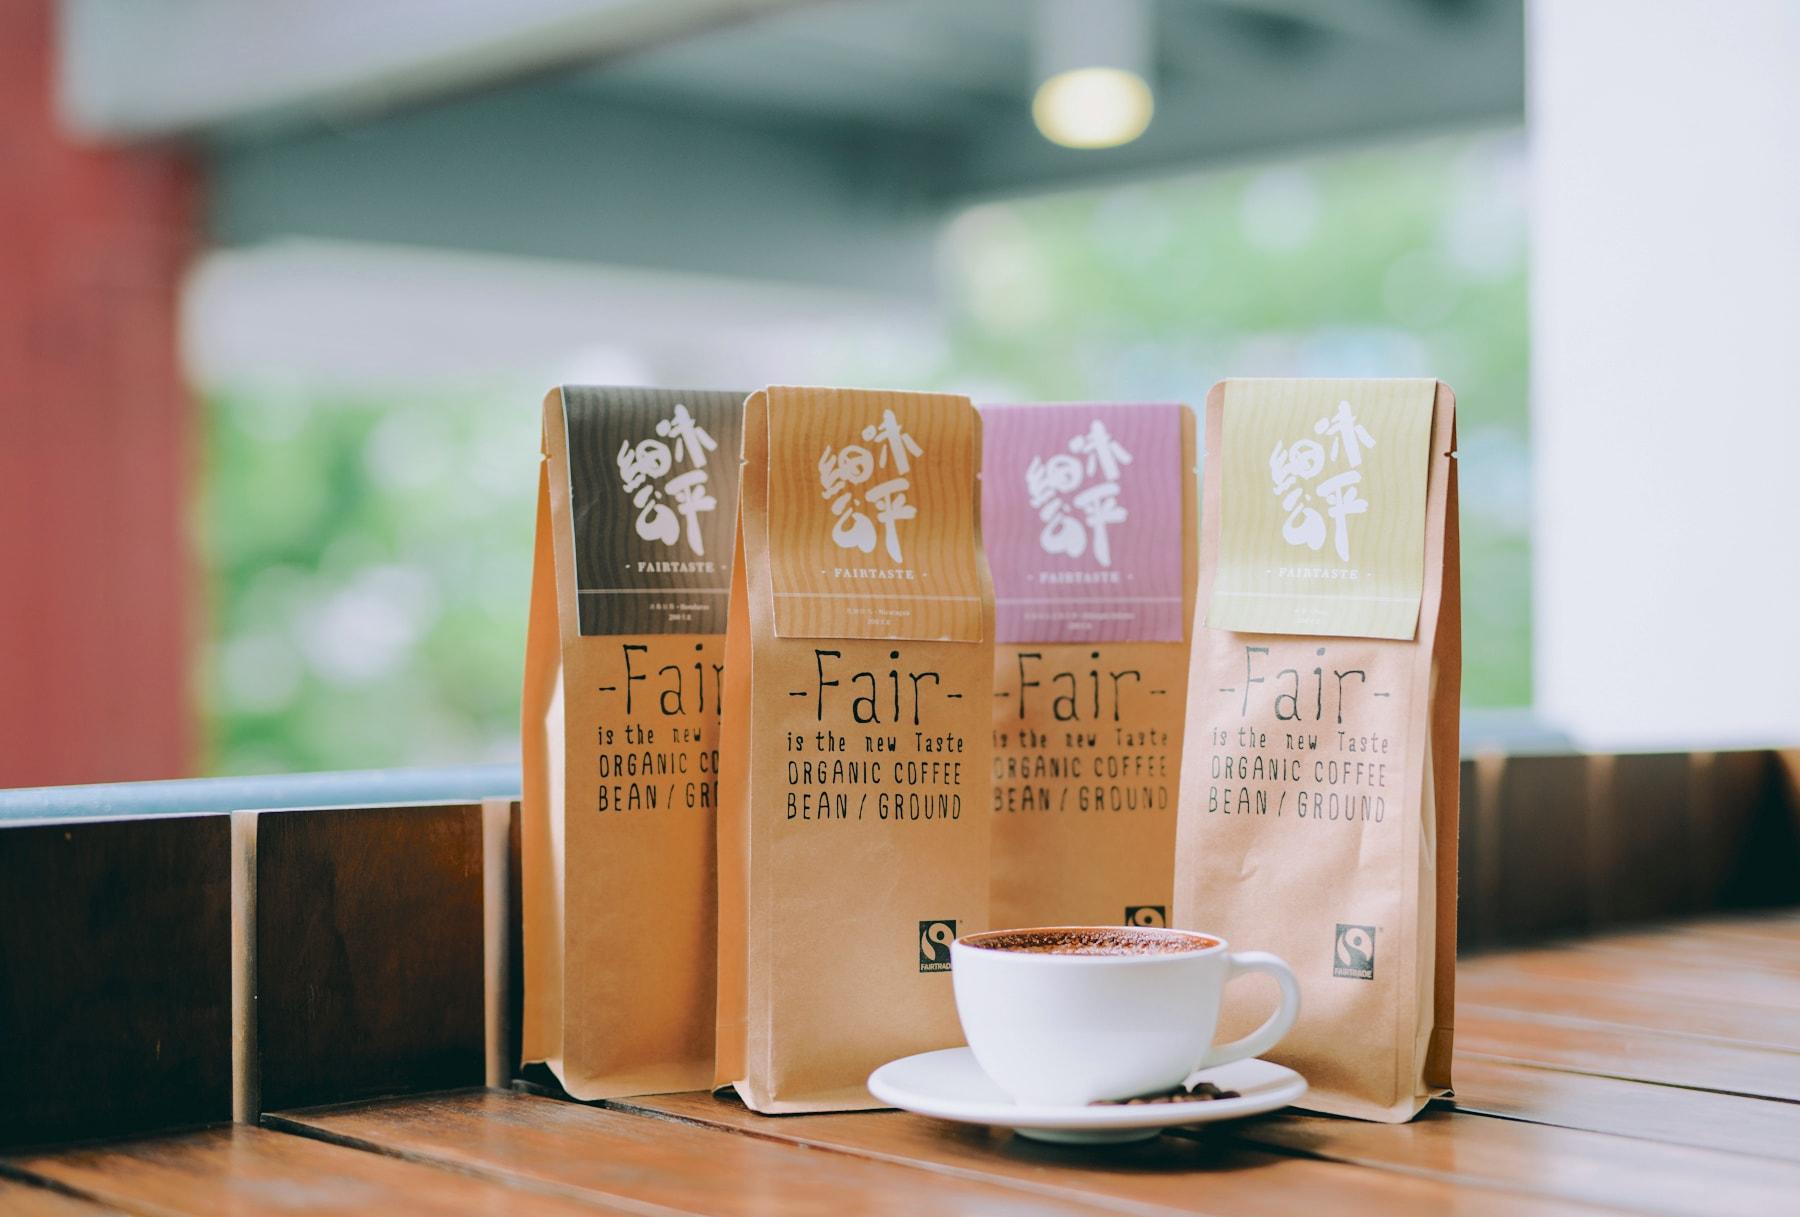 精品咖啡飲出「公平味」:全新系列FAIRTASTE PREMIUM - Specialty Coffee隆重登場